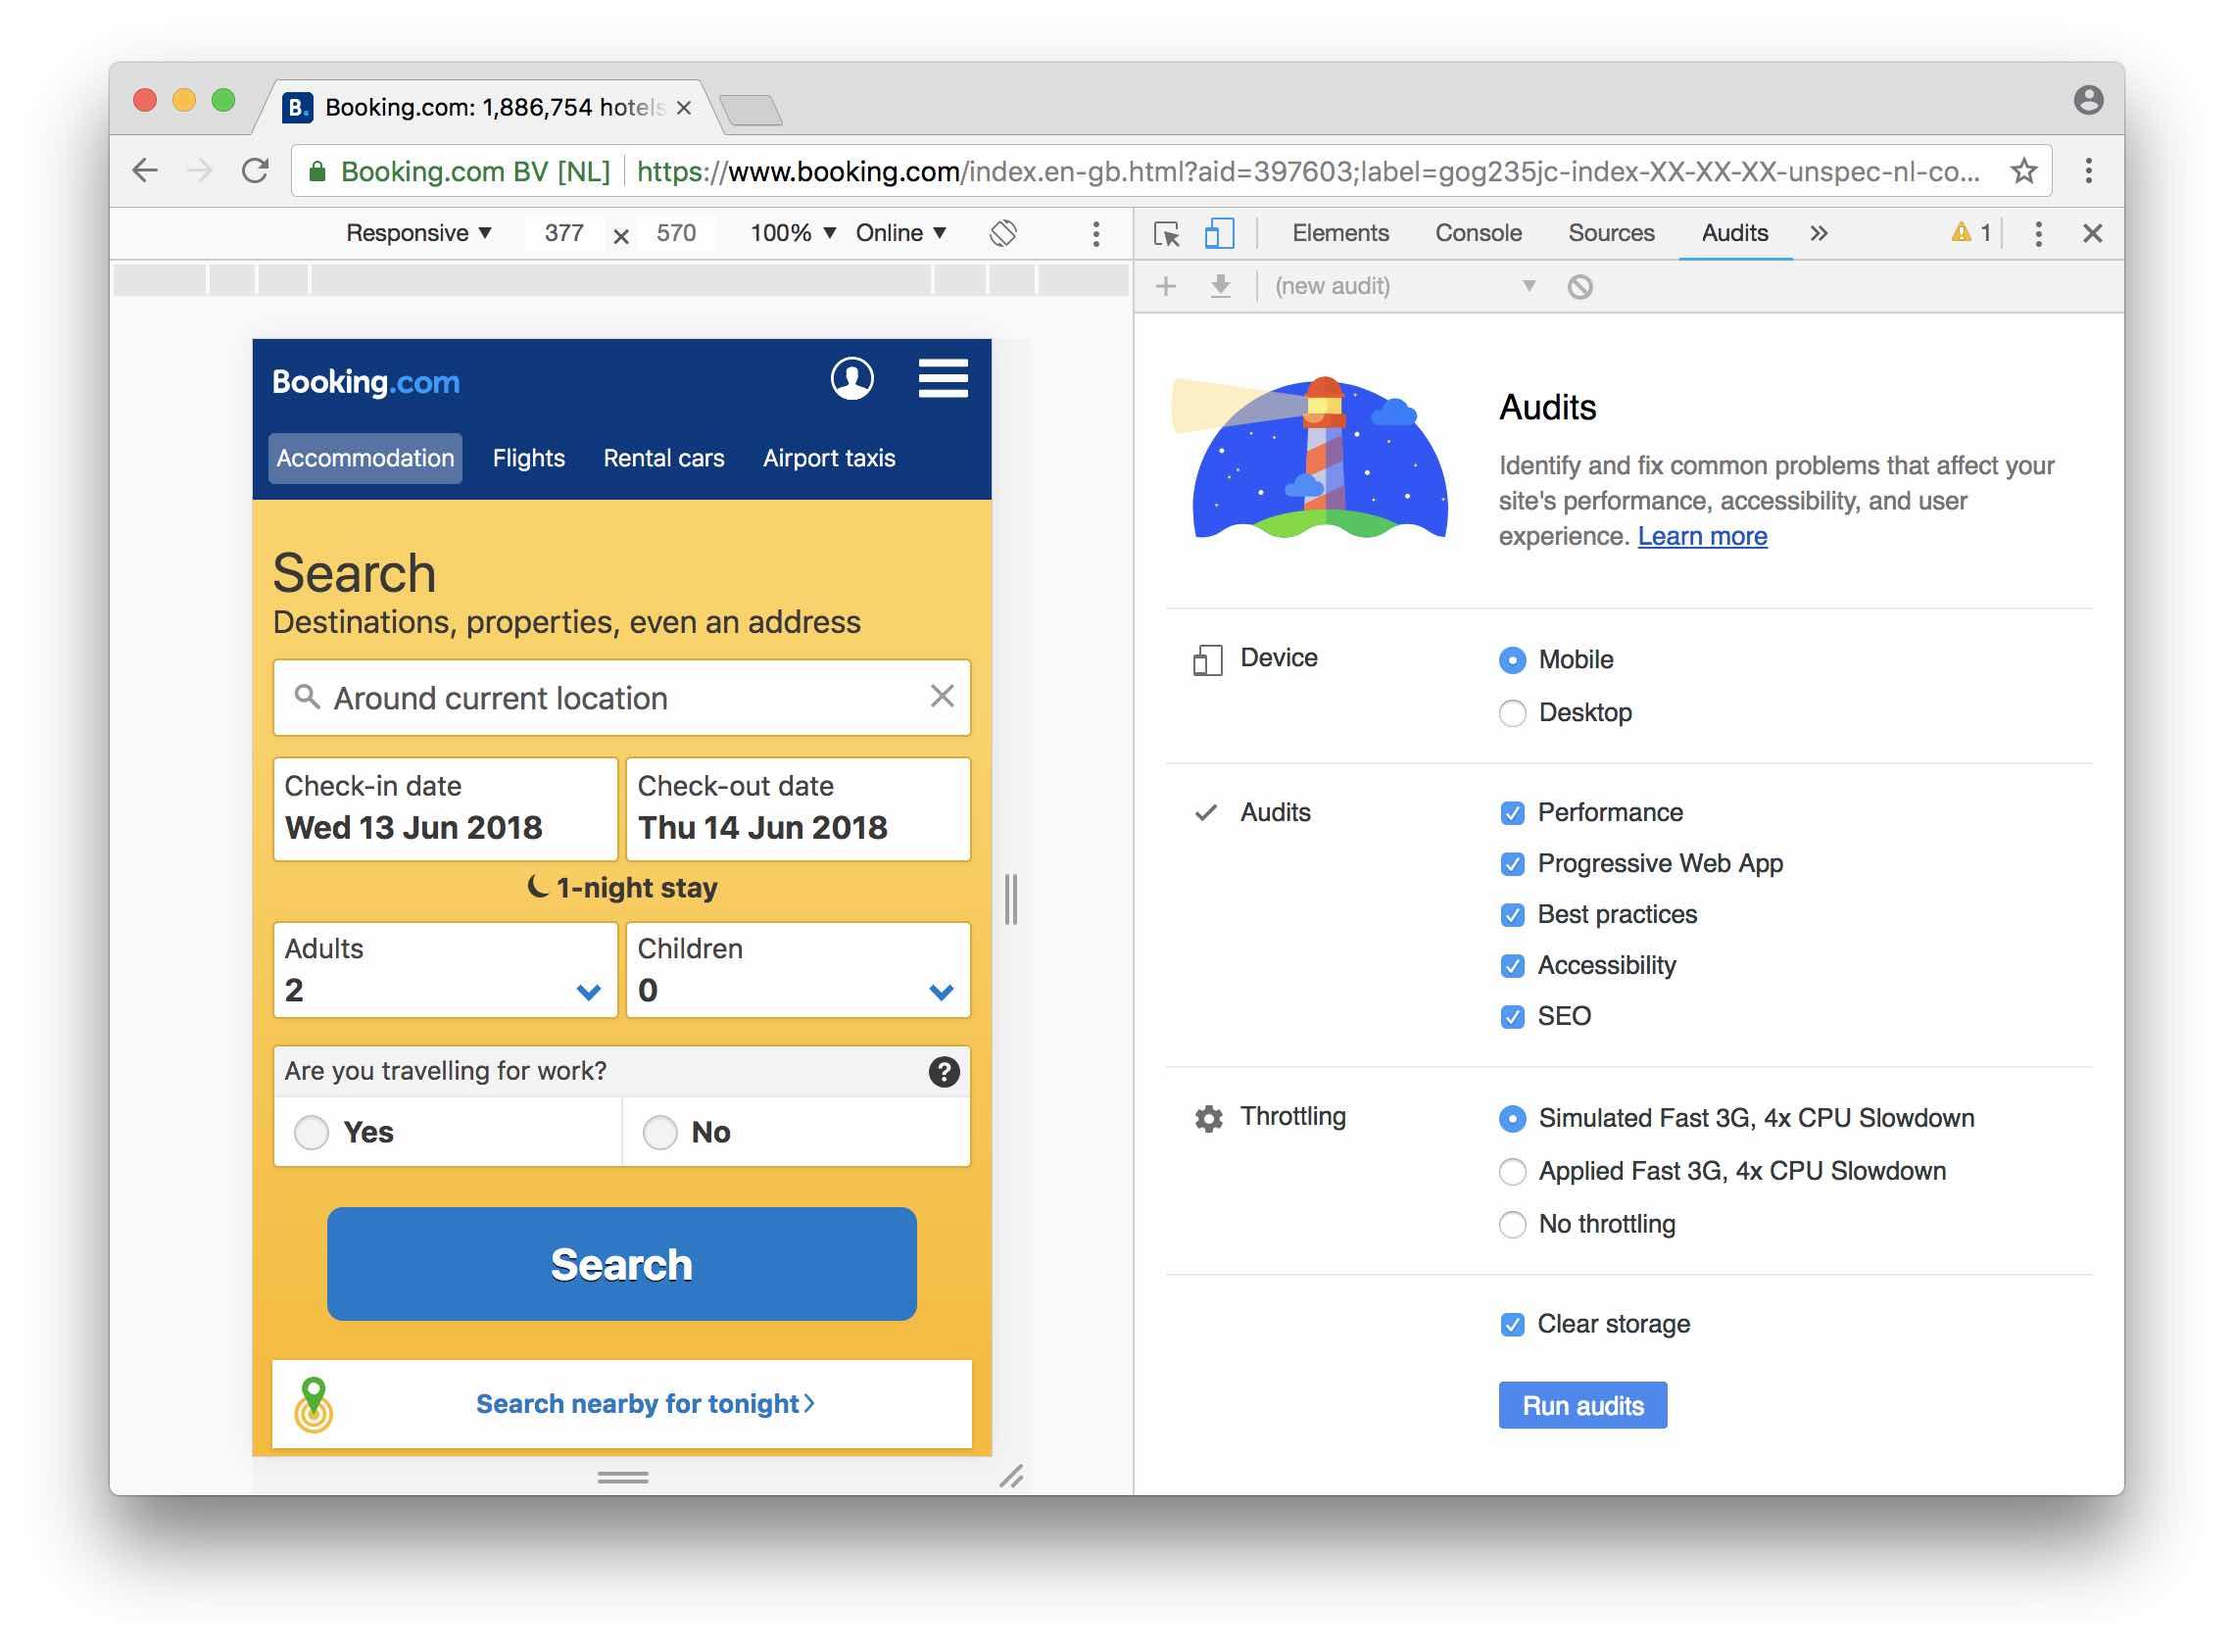 ecd6aecb8e7 Lighthouse позволяет увидеть сильные и слабые стороны вашего web  приложения